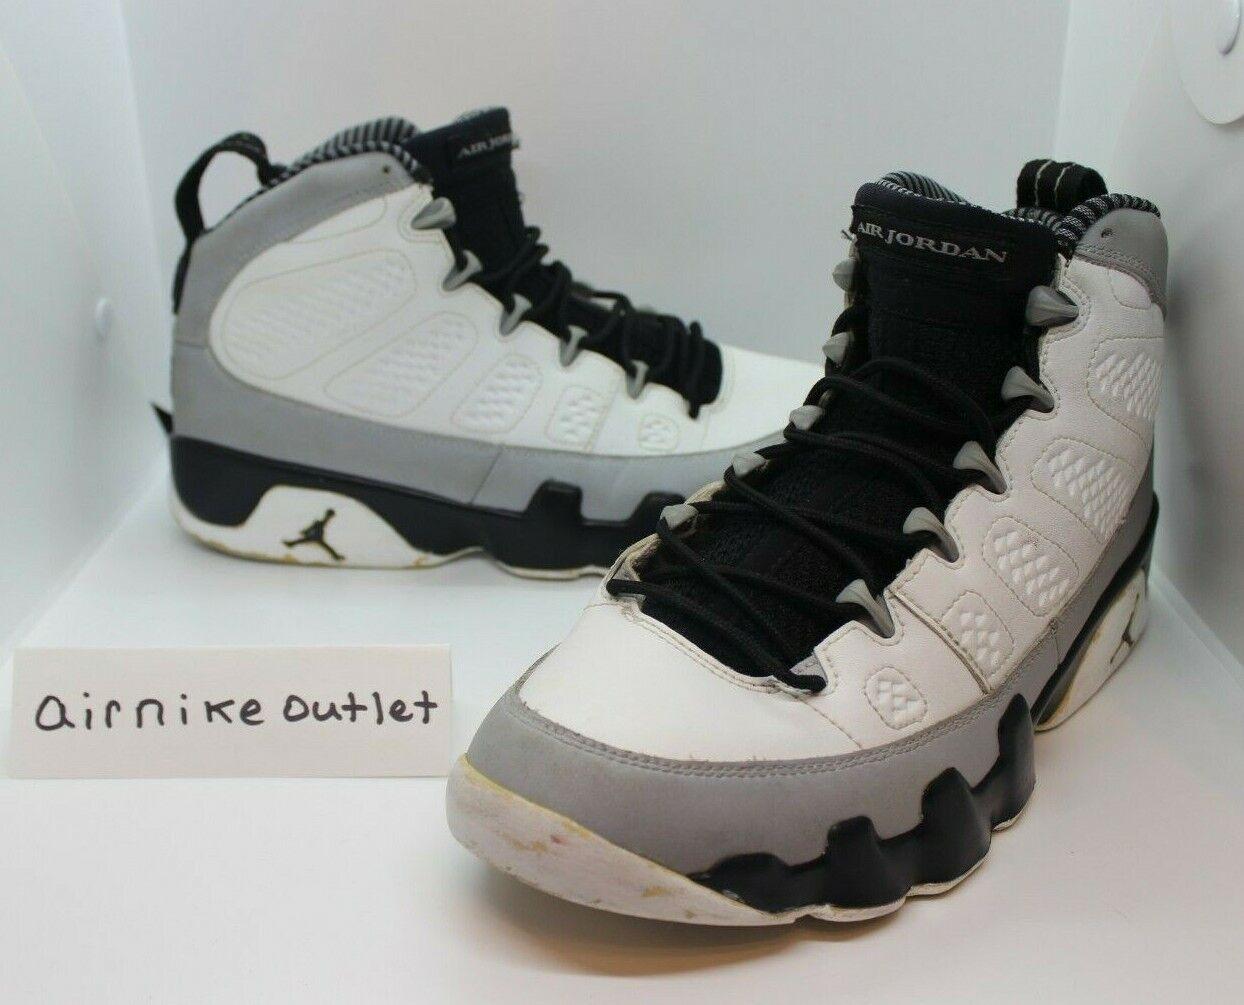 2014 Nike AIR RETRO JORDAN 9 IX BARON BLACK WHITE WHITE WHITE WOLF GREY 302370 106 SIZE 9 33fe88